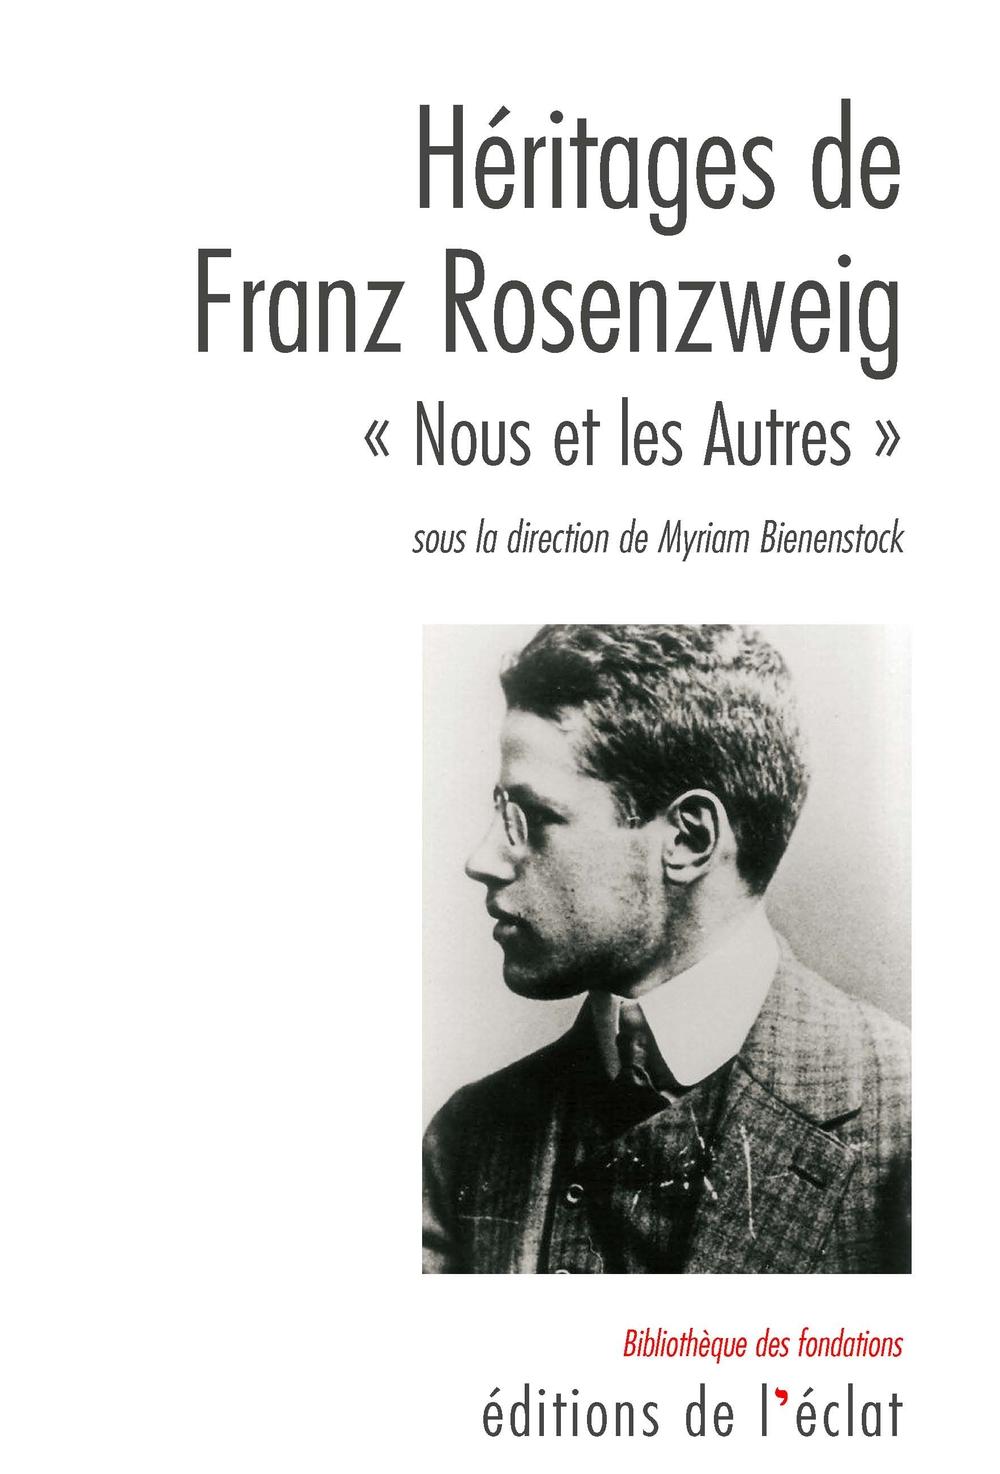 Héritages de Franz Rosenzweig